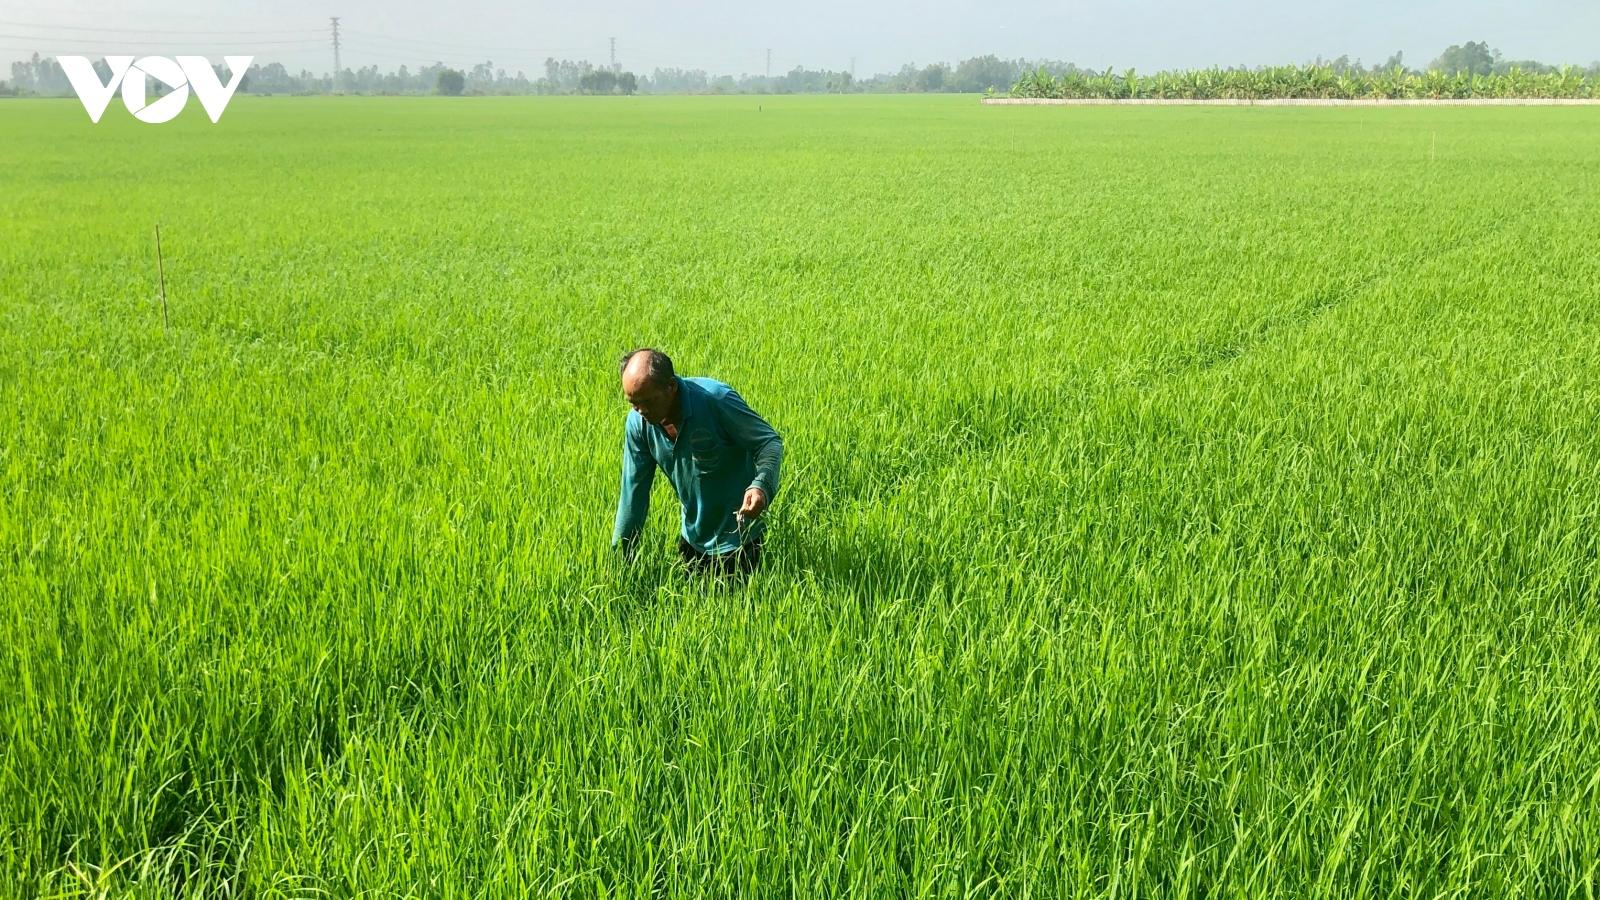 Đầu năm, thương lái đến tận ruộng đặt cọc mua lúa với giá cao